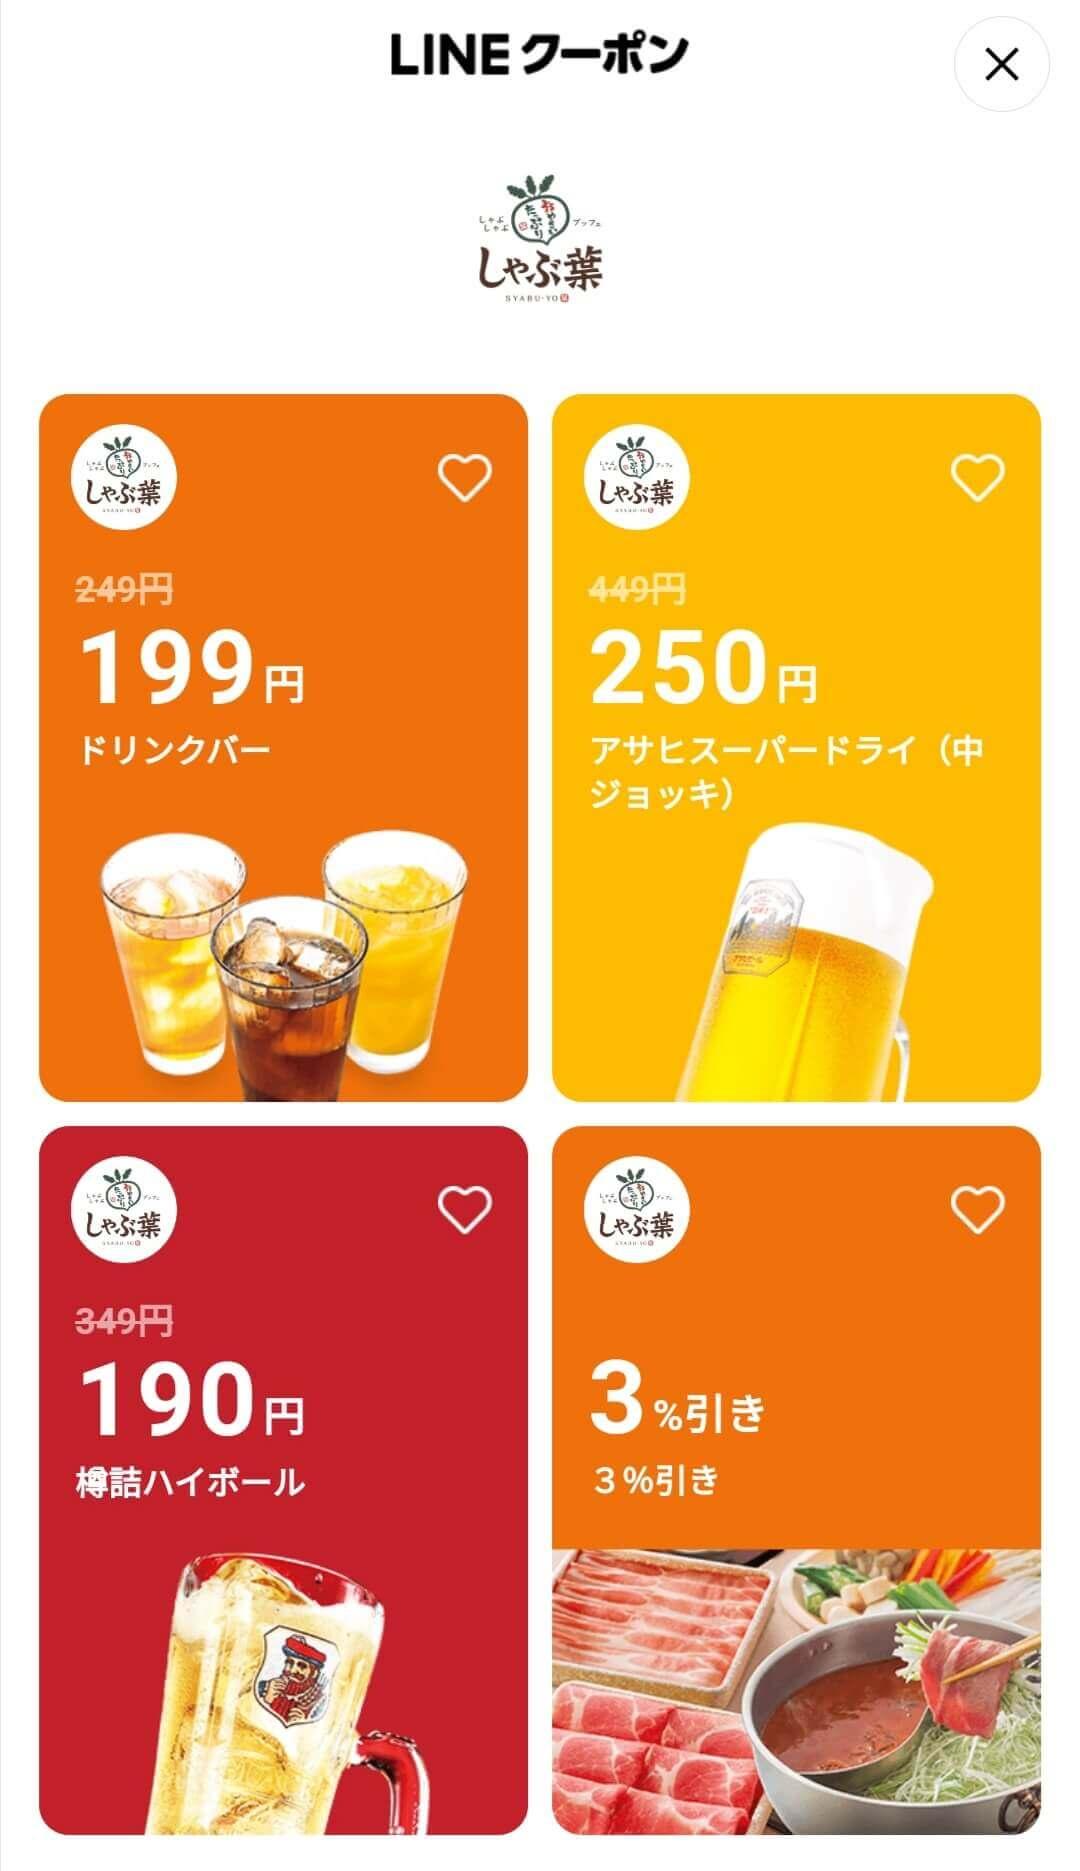 しゃぶ葉クーポン ドリンクバー199円 アサヒスーパードライ250円 樽詰ハイボール190円 3%割引